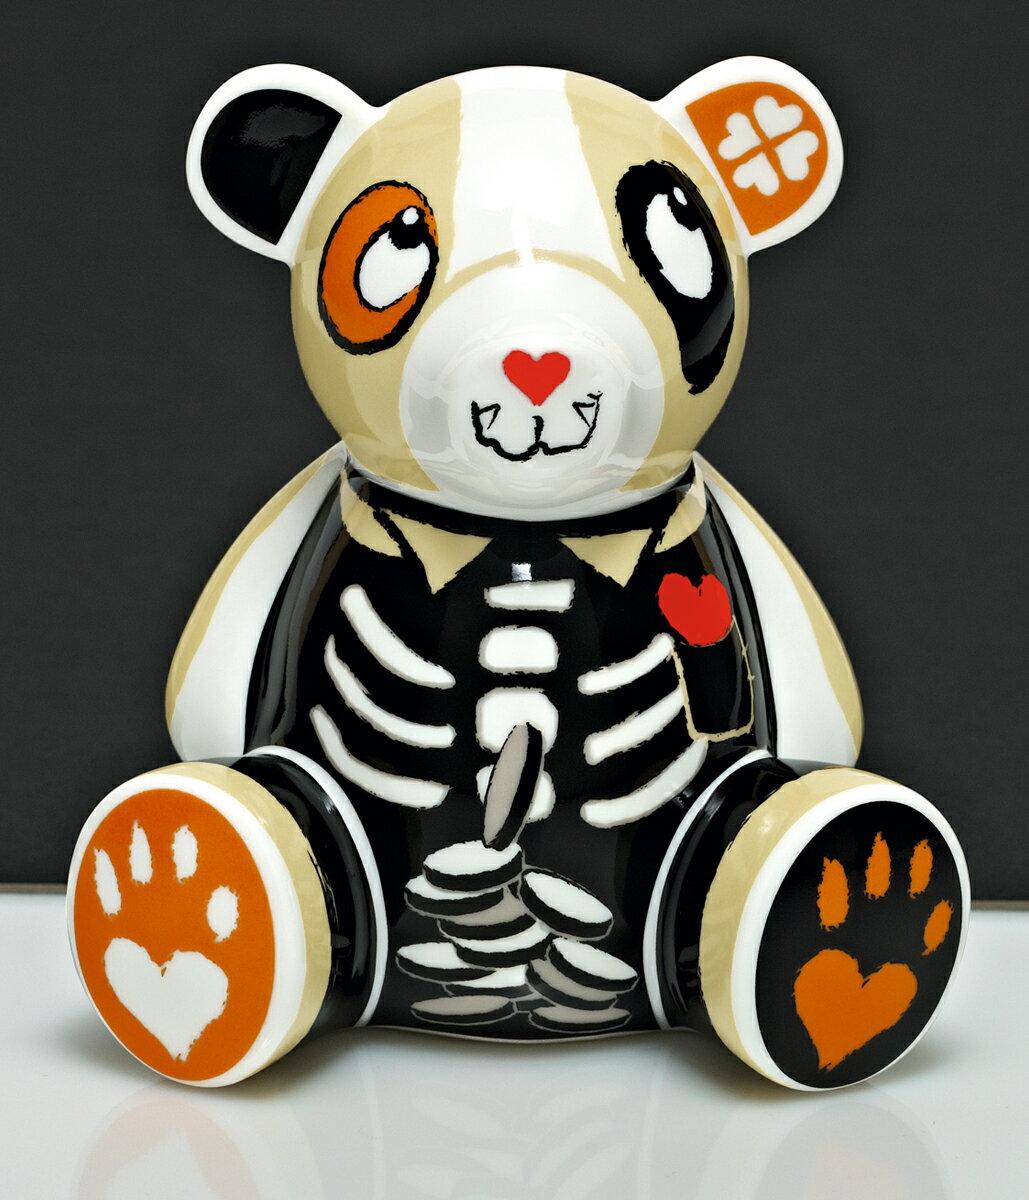 【ポイント20倍】RITZENHOFF リッツェンホフ (Petra Mohr)Teddy BankCOLLECTION テディバンク・コレクション 貯金箱 500円玉 おしゃれ おもしろ かわいい クマ プレゼント 贈り物 ギフト【限定数】・ホワイトデー